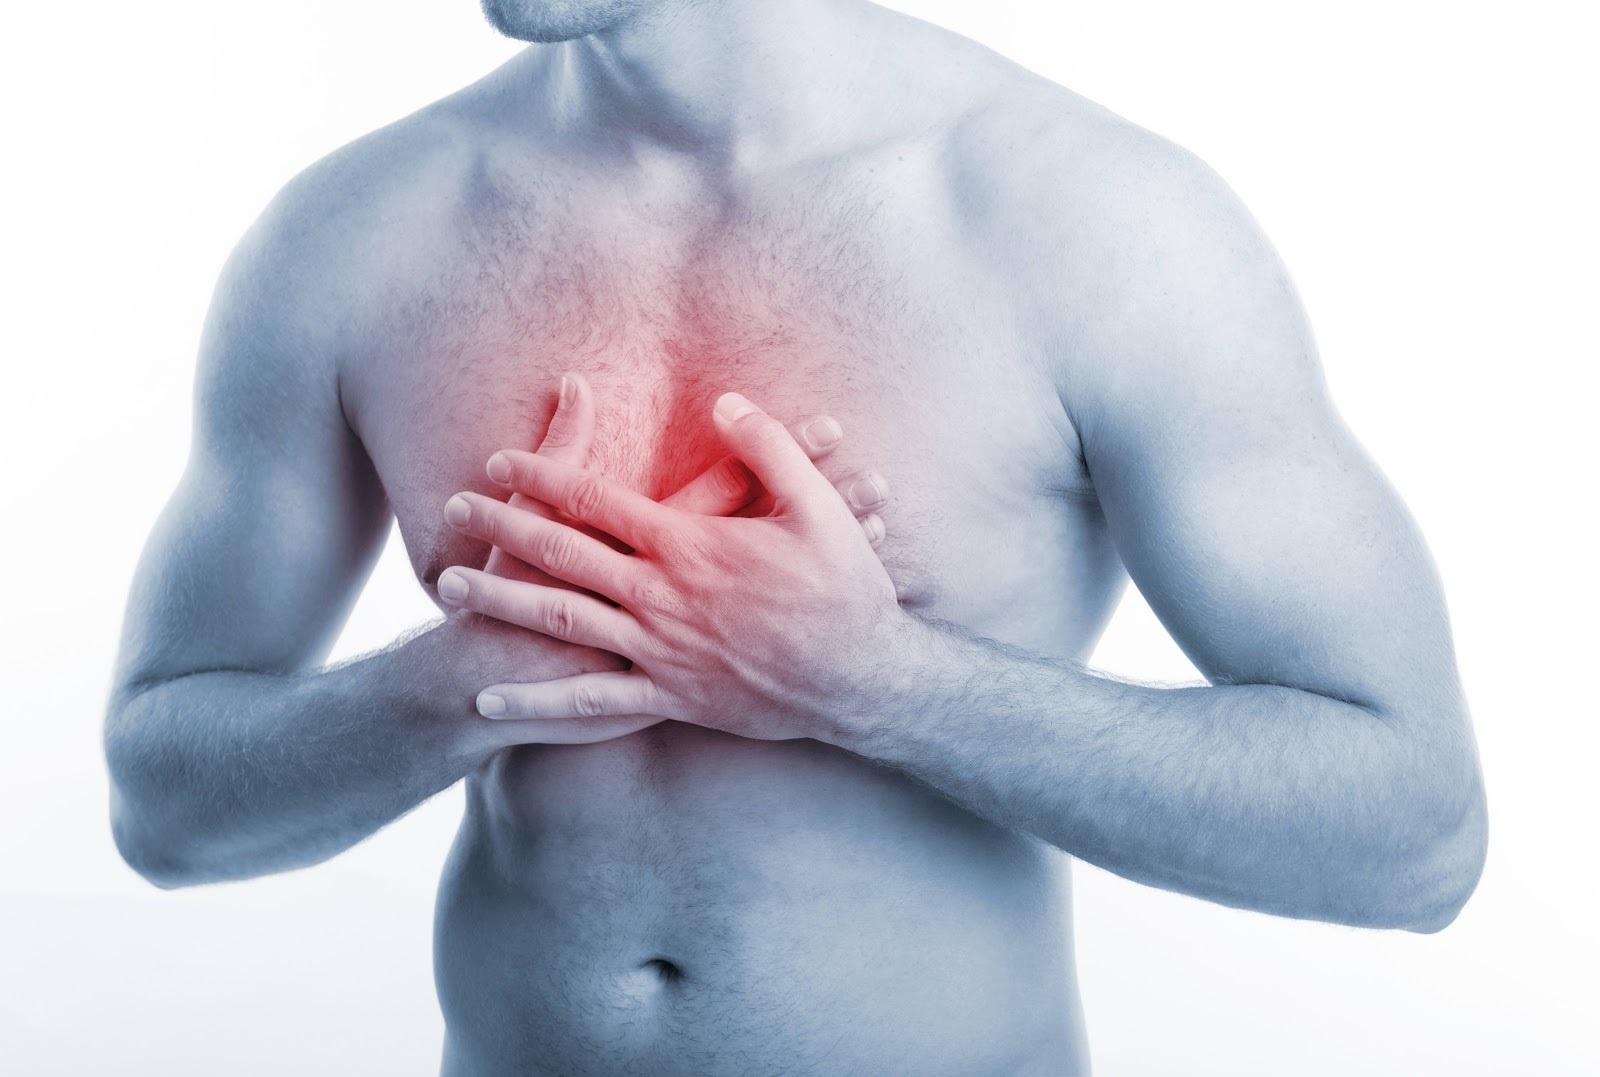 Фото грудины человека 30 фотография